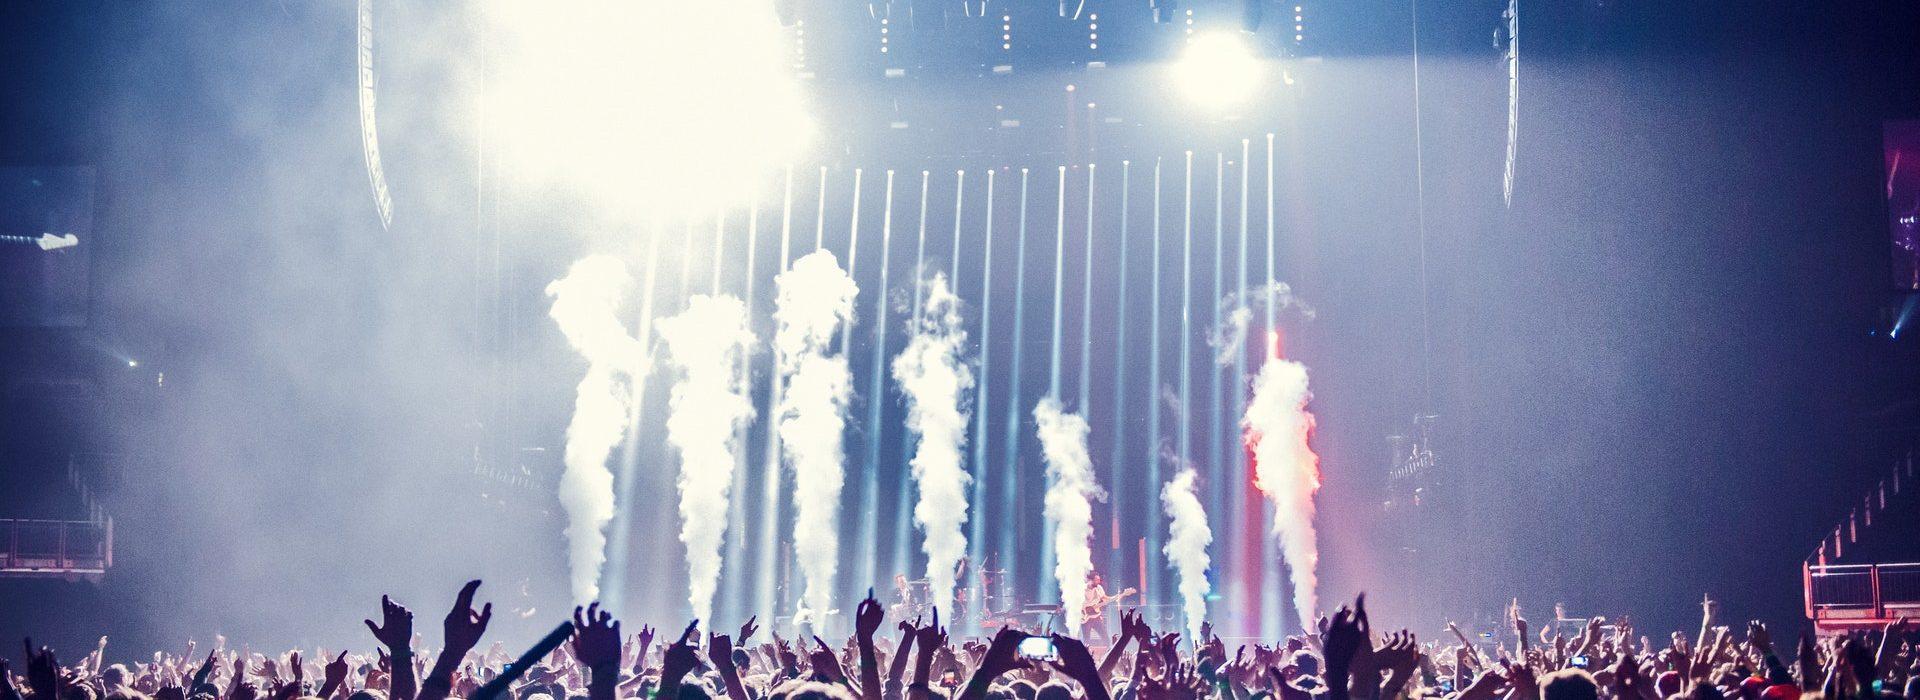 Eventfoto mit Sicht aus dem Publikum auf eine Bühne des Events